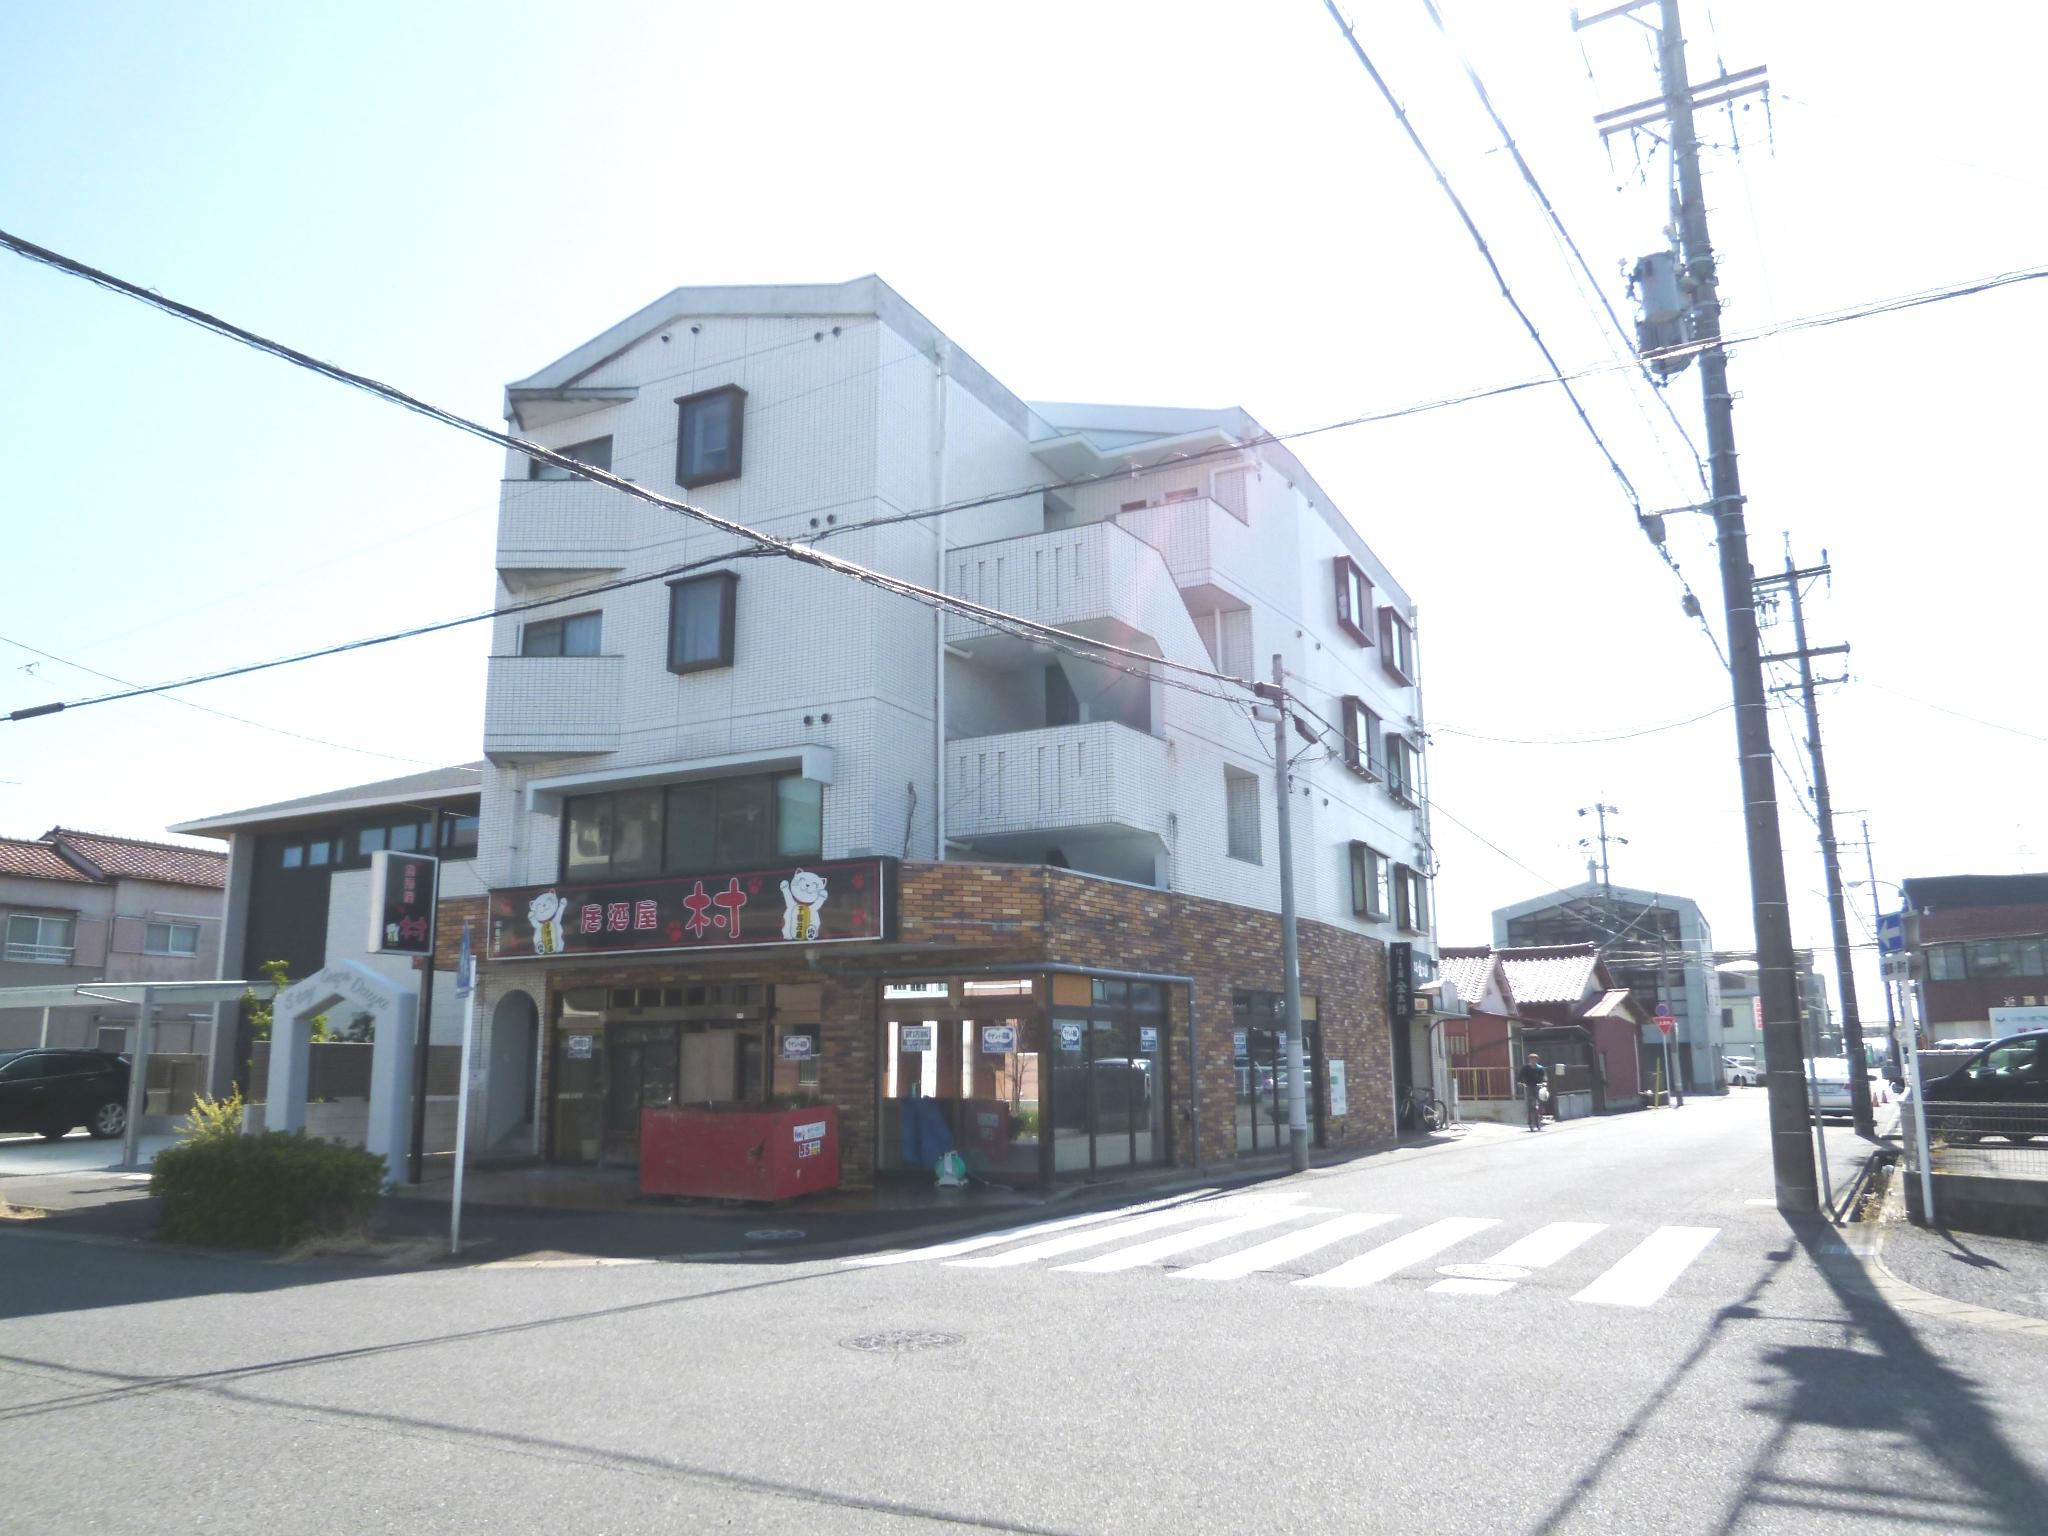 春日井市西本町 シティーコーポ味美 1階 貸店舗・貸事務所